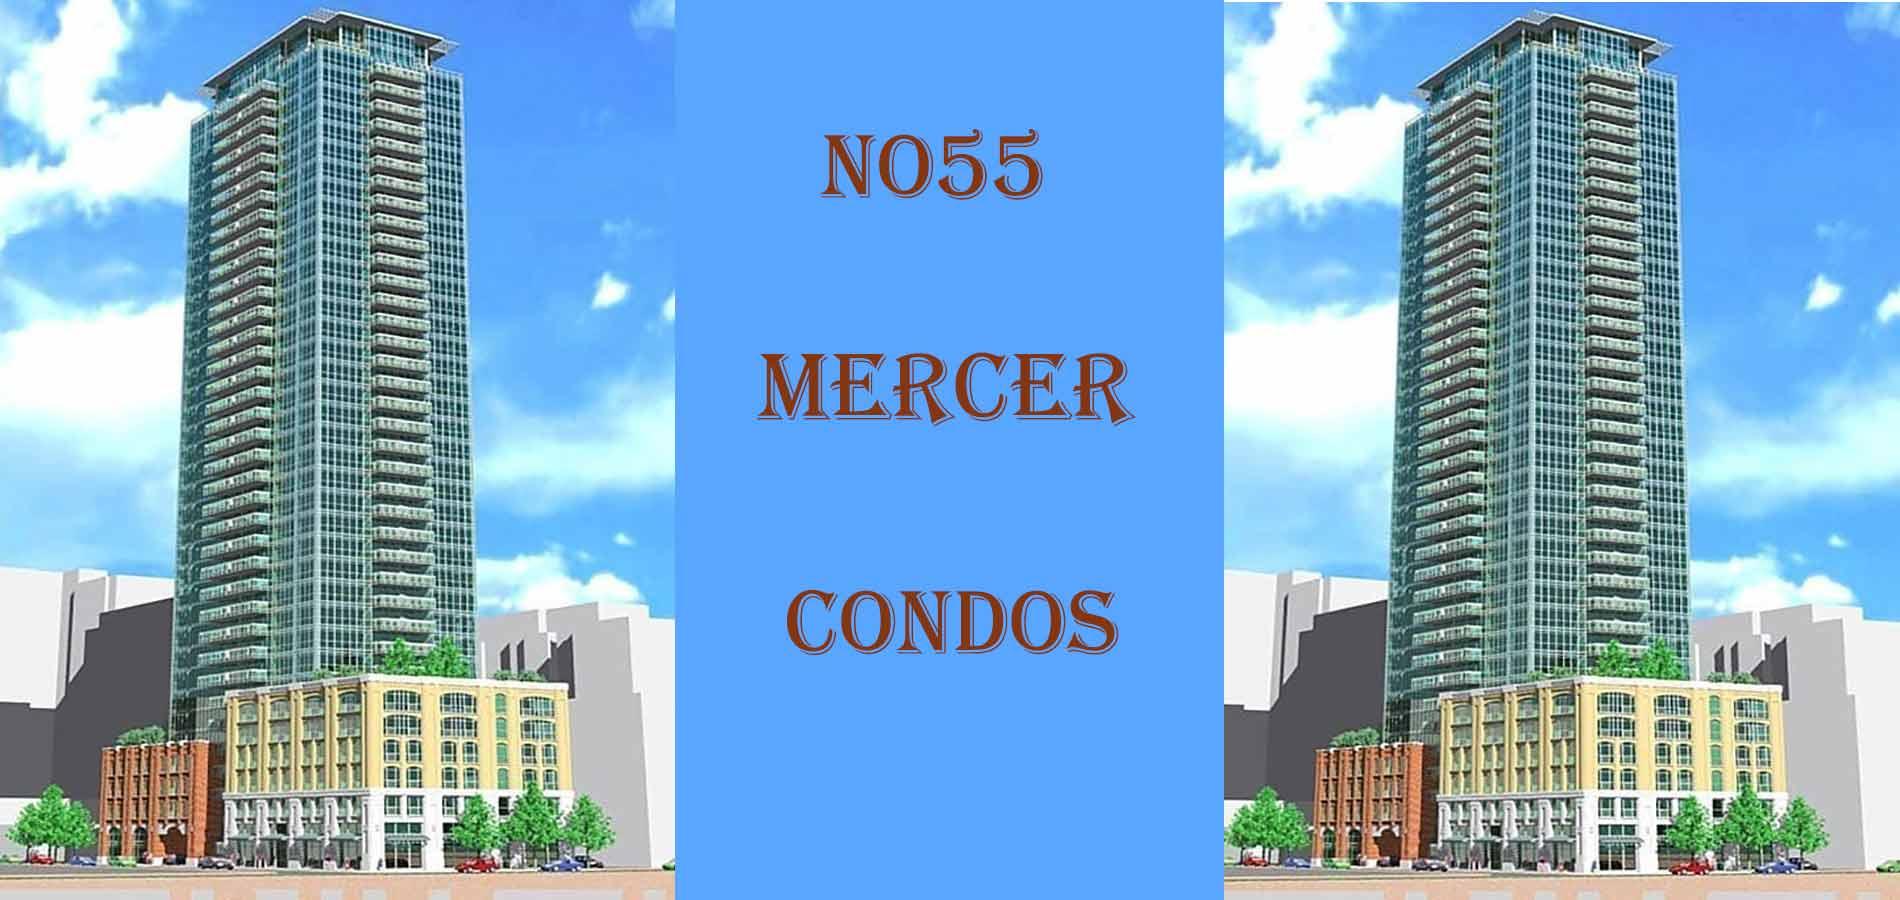 No55 Mercer Condos Toronto